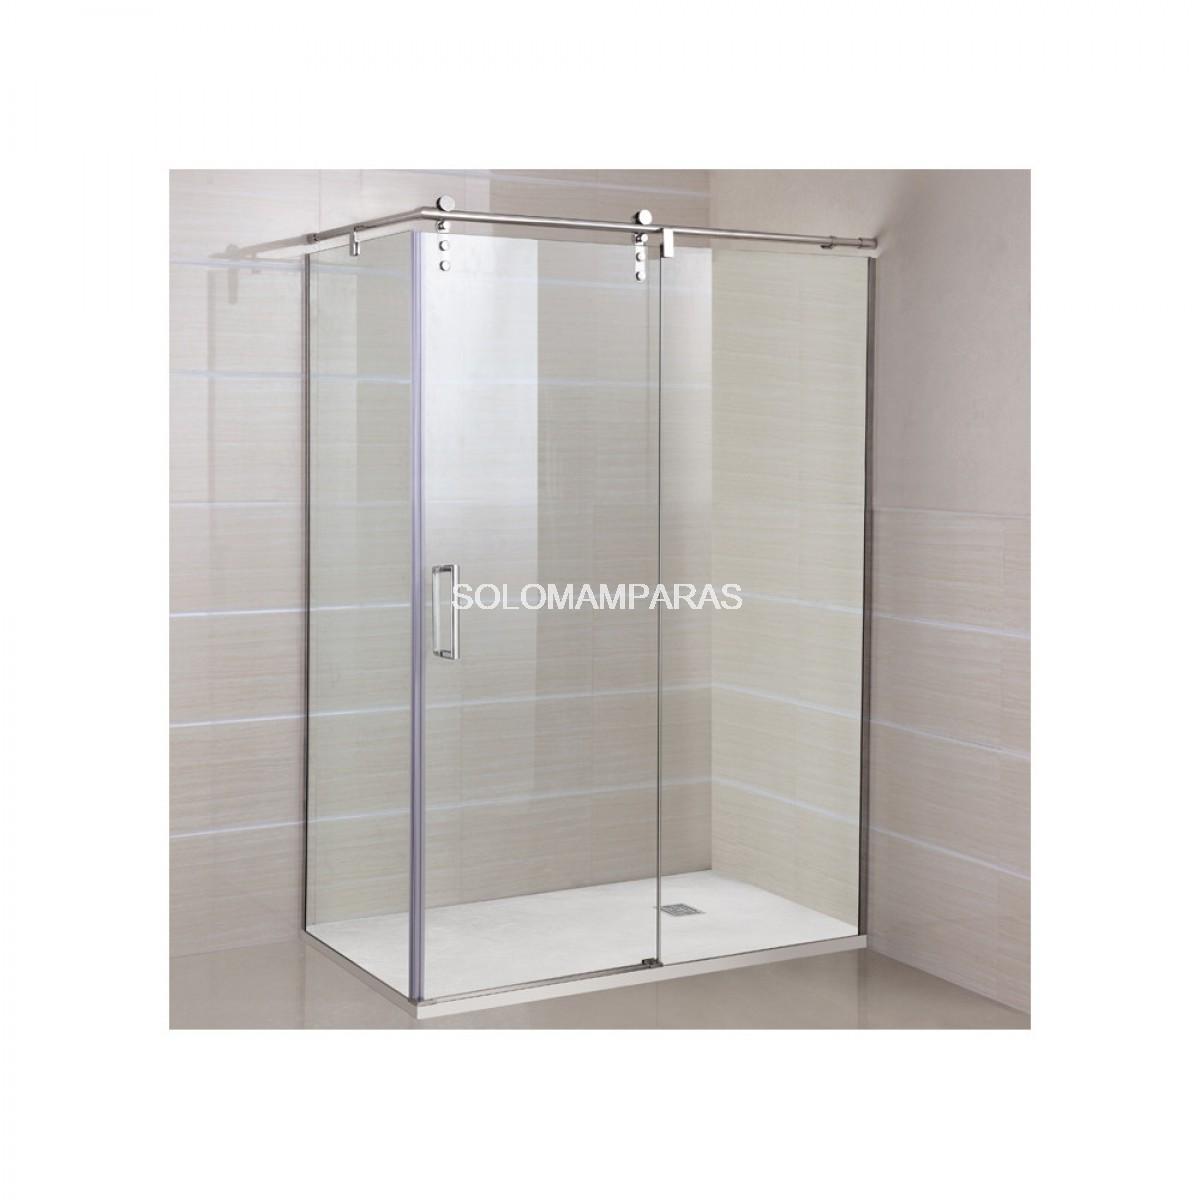 Mampara de ducha gme moving 1 fija 1 corredera - Mampara fija ducha ...